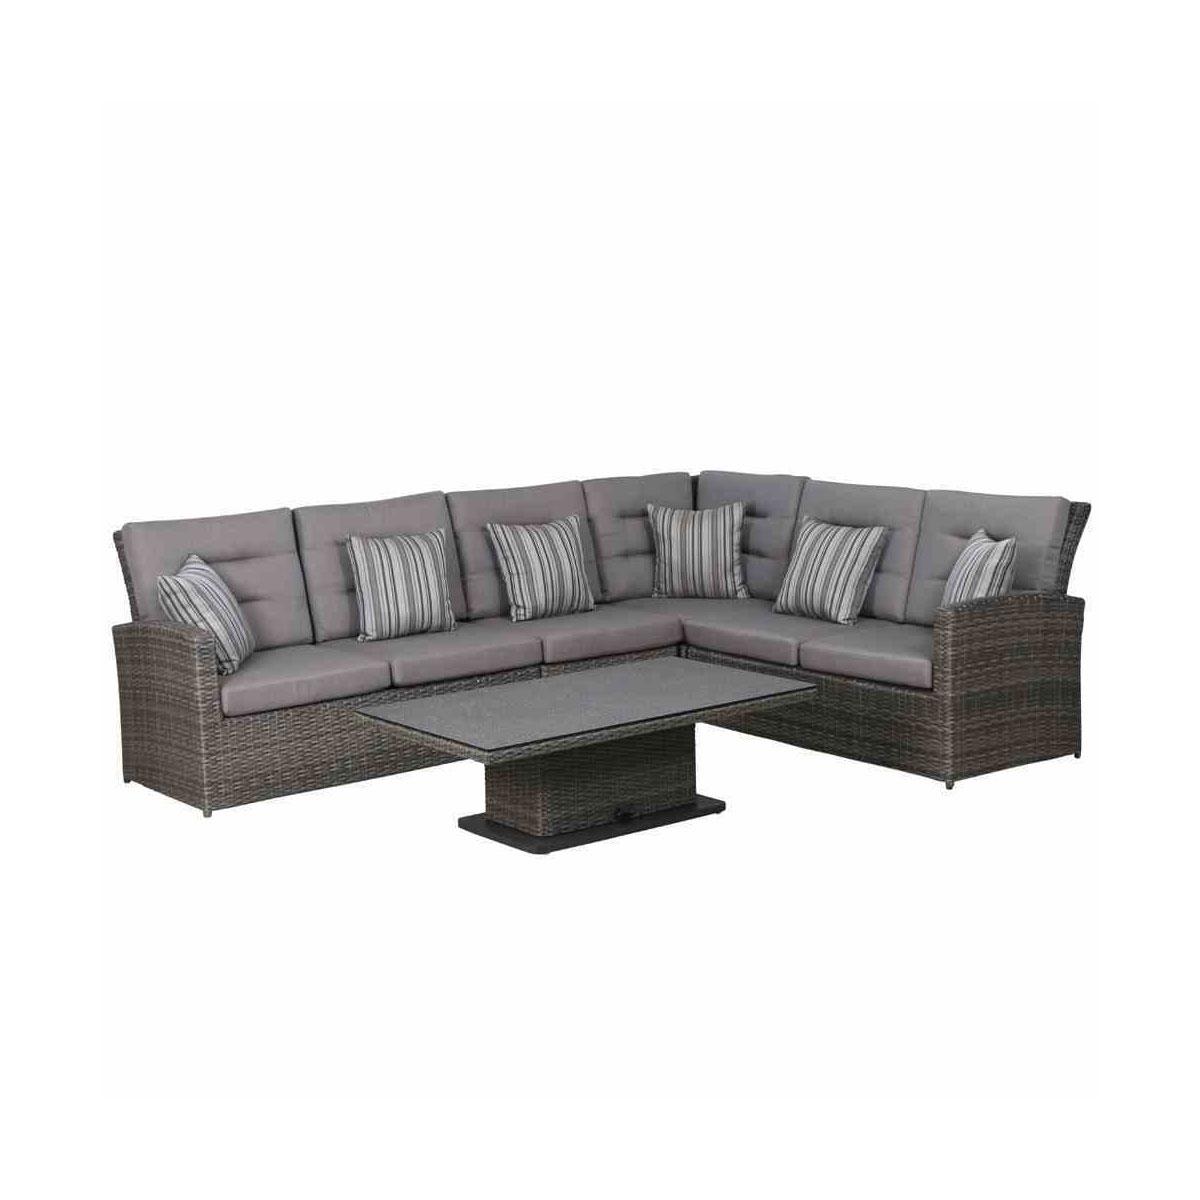 """Siena Garden Loungeset """"Porto"""", 5-teilig inkl. Sitz- und Rückenkissen, grau/anthrazit"""